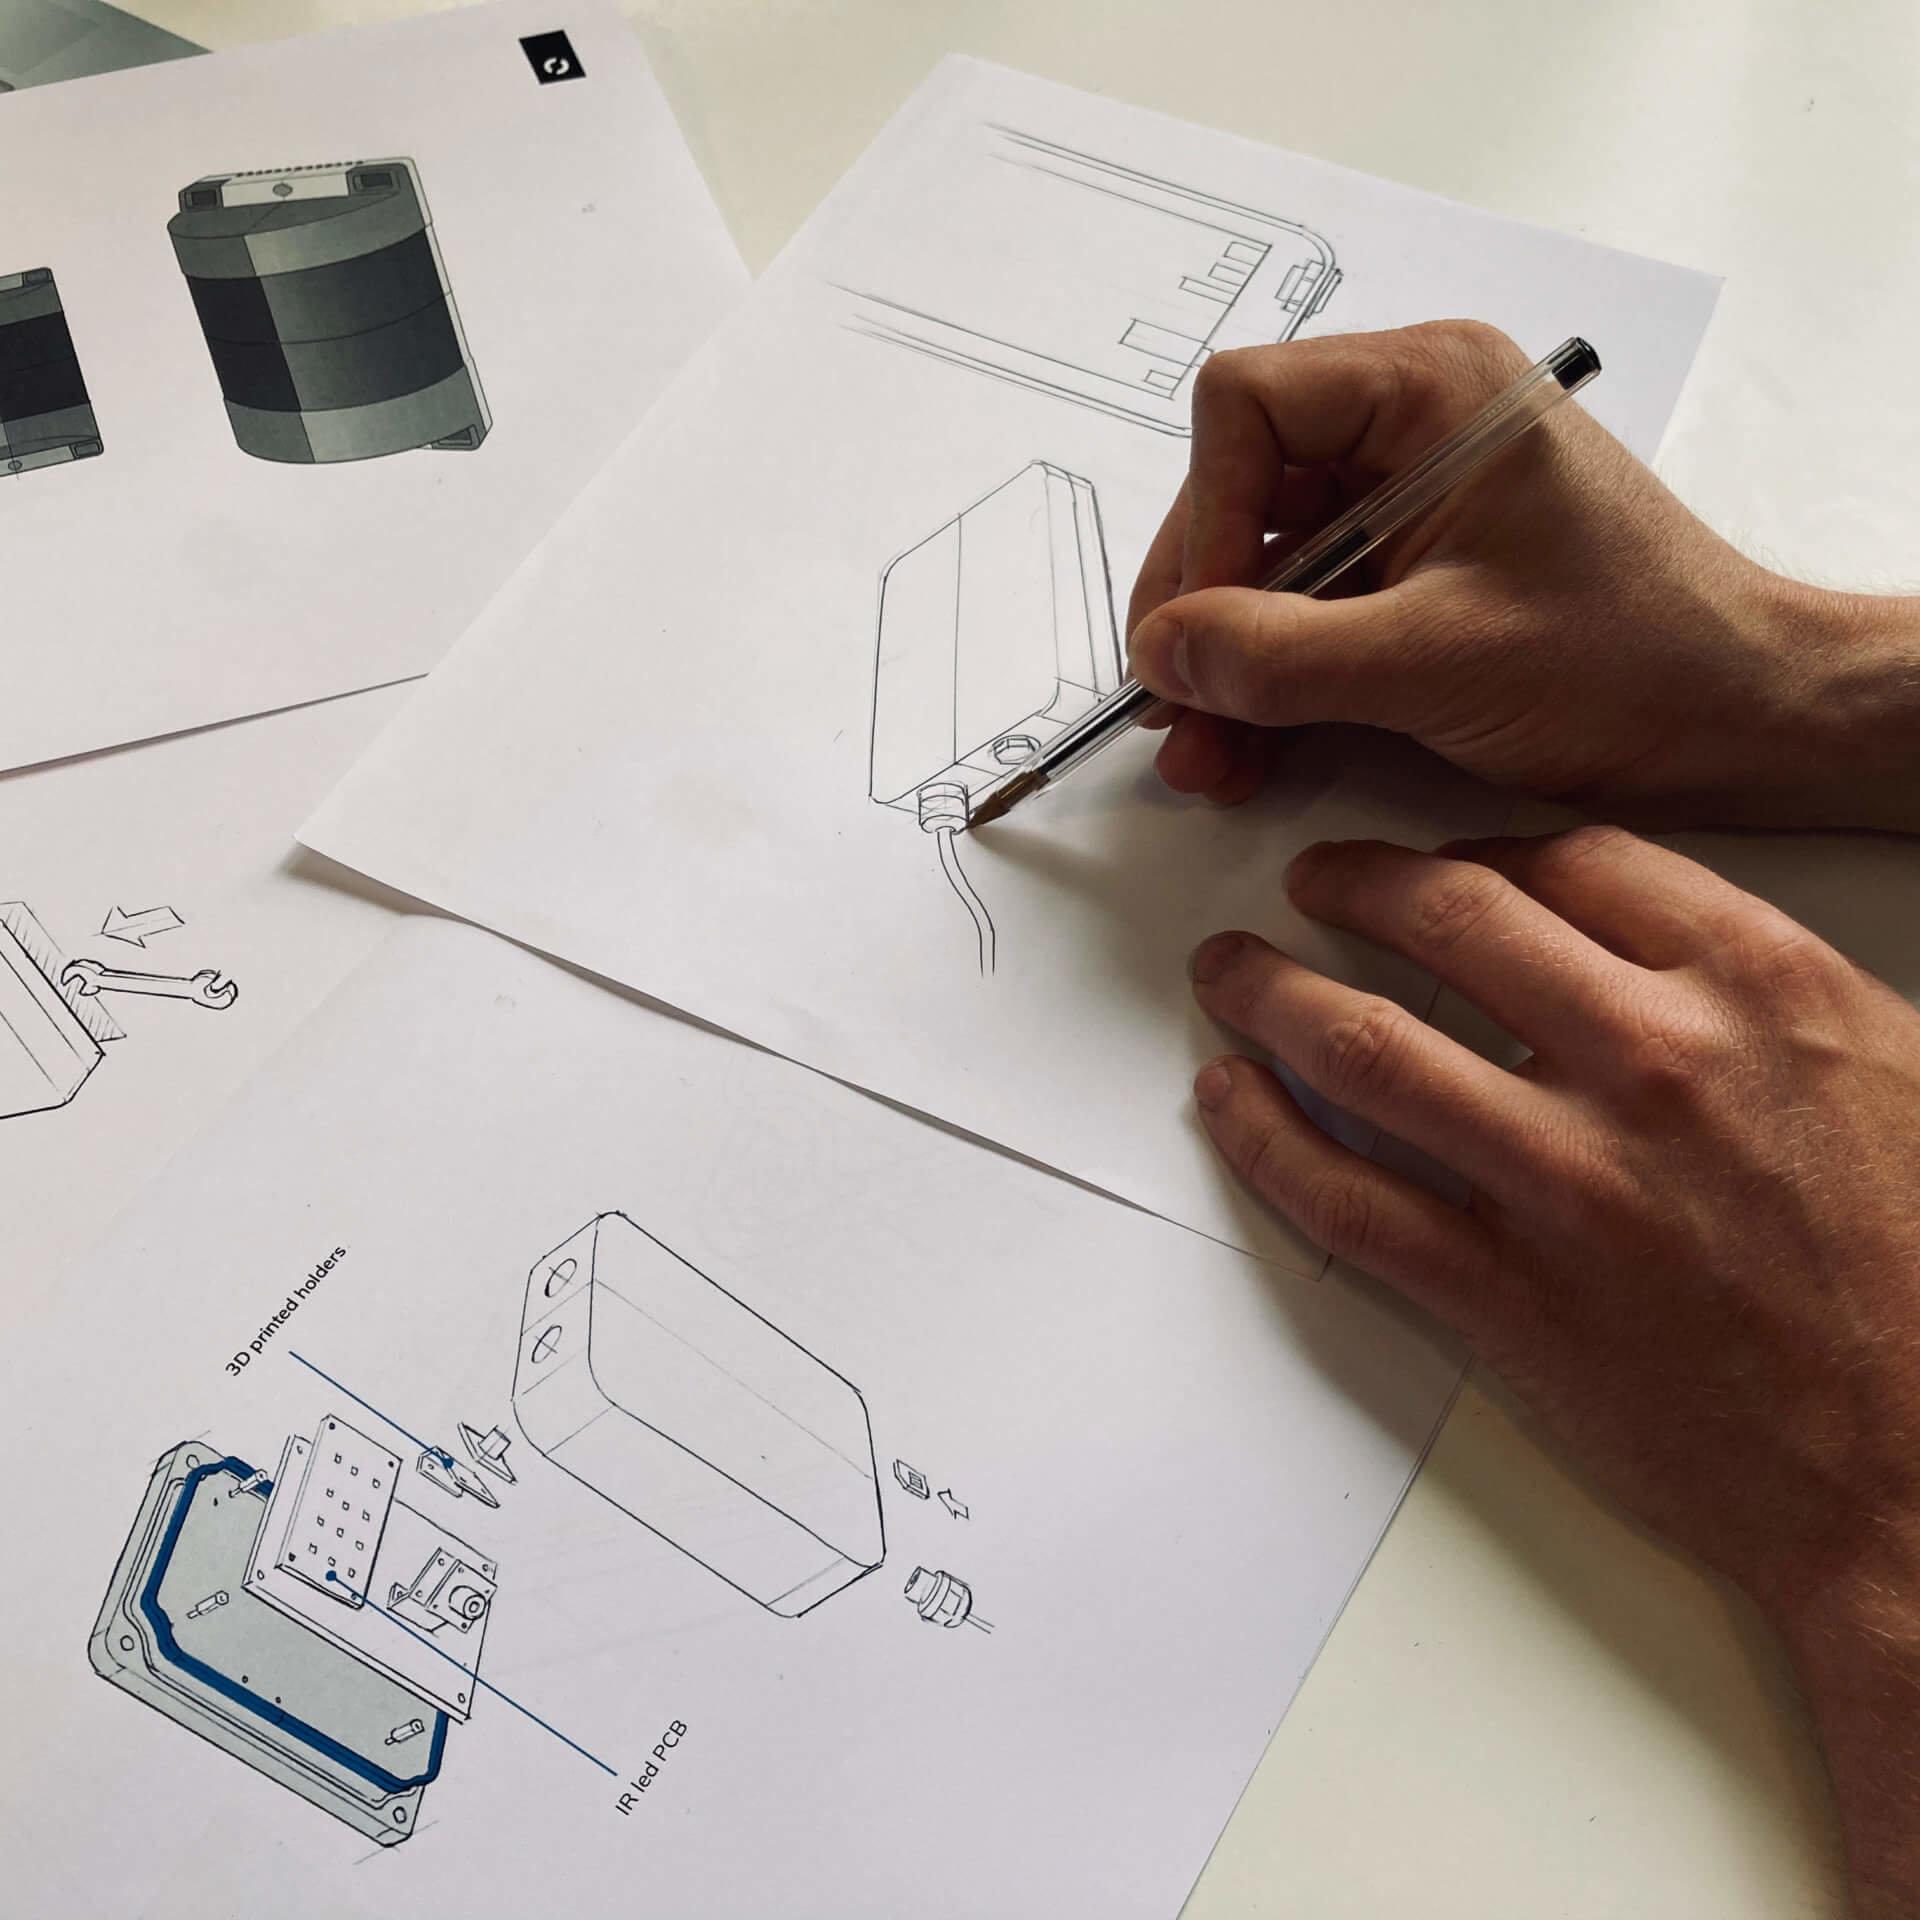 Het product design team van Studio Dott schetst en ontwerpt de behuizing voor Citymesh. Er zijn schetsen te zien en 3D-renders.